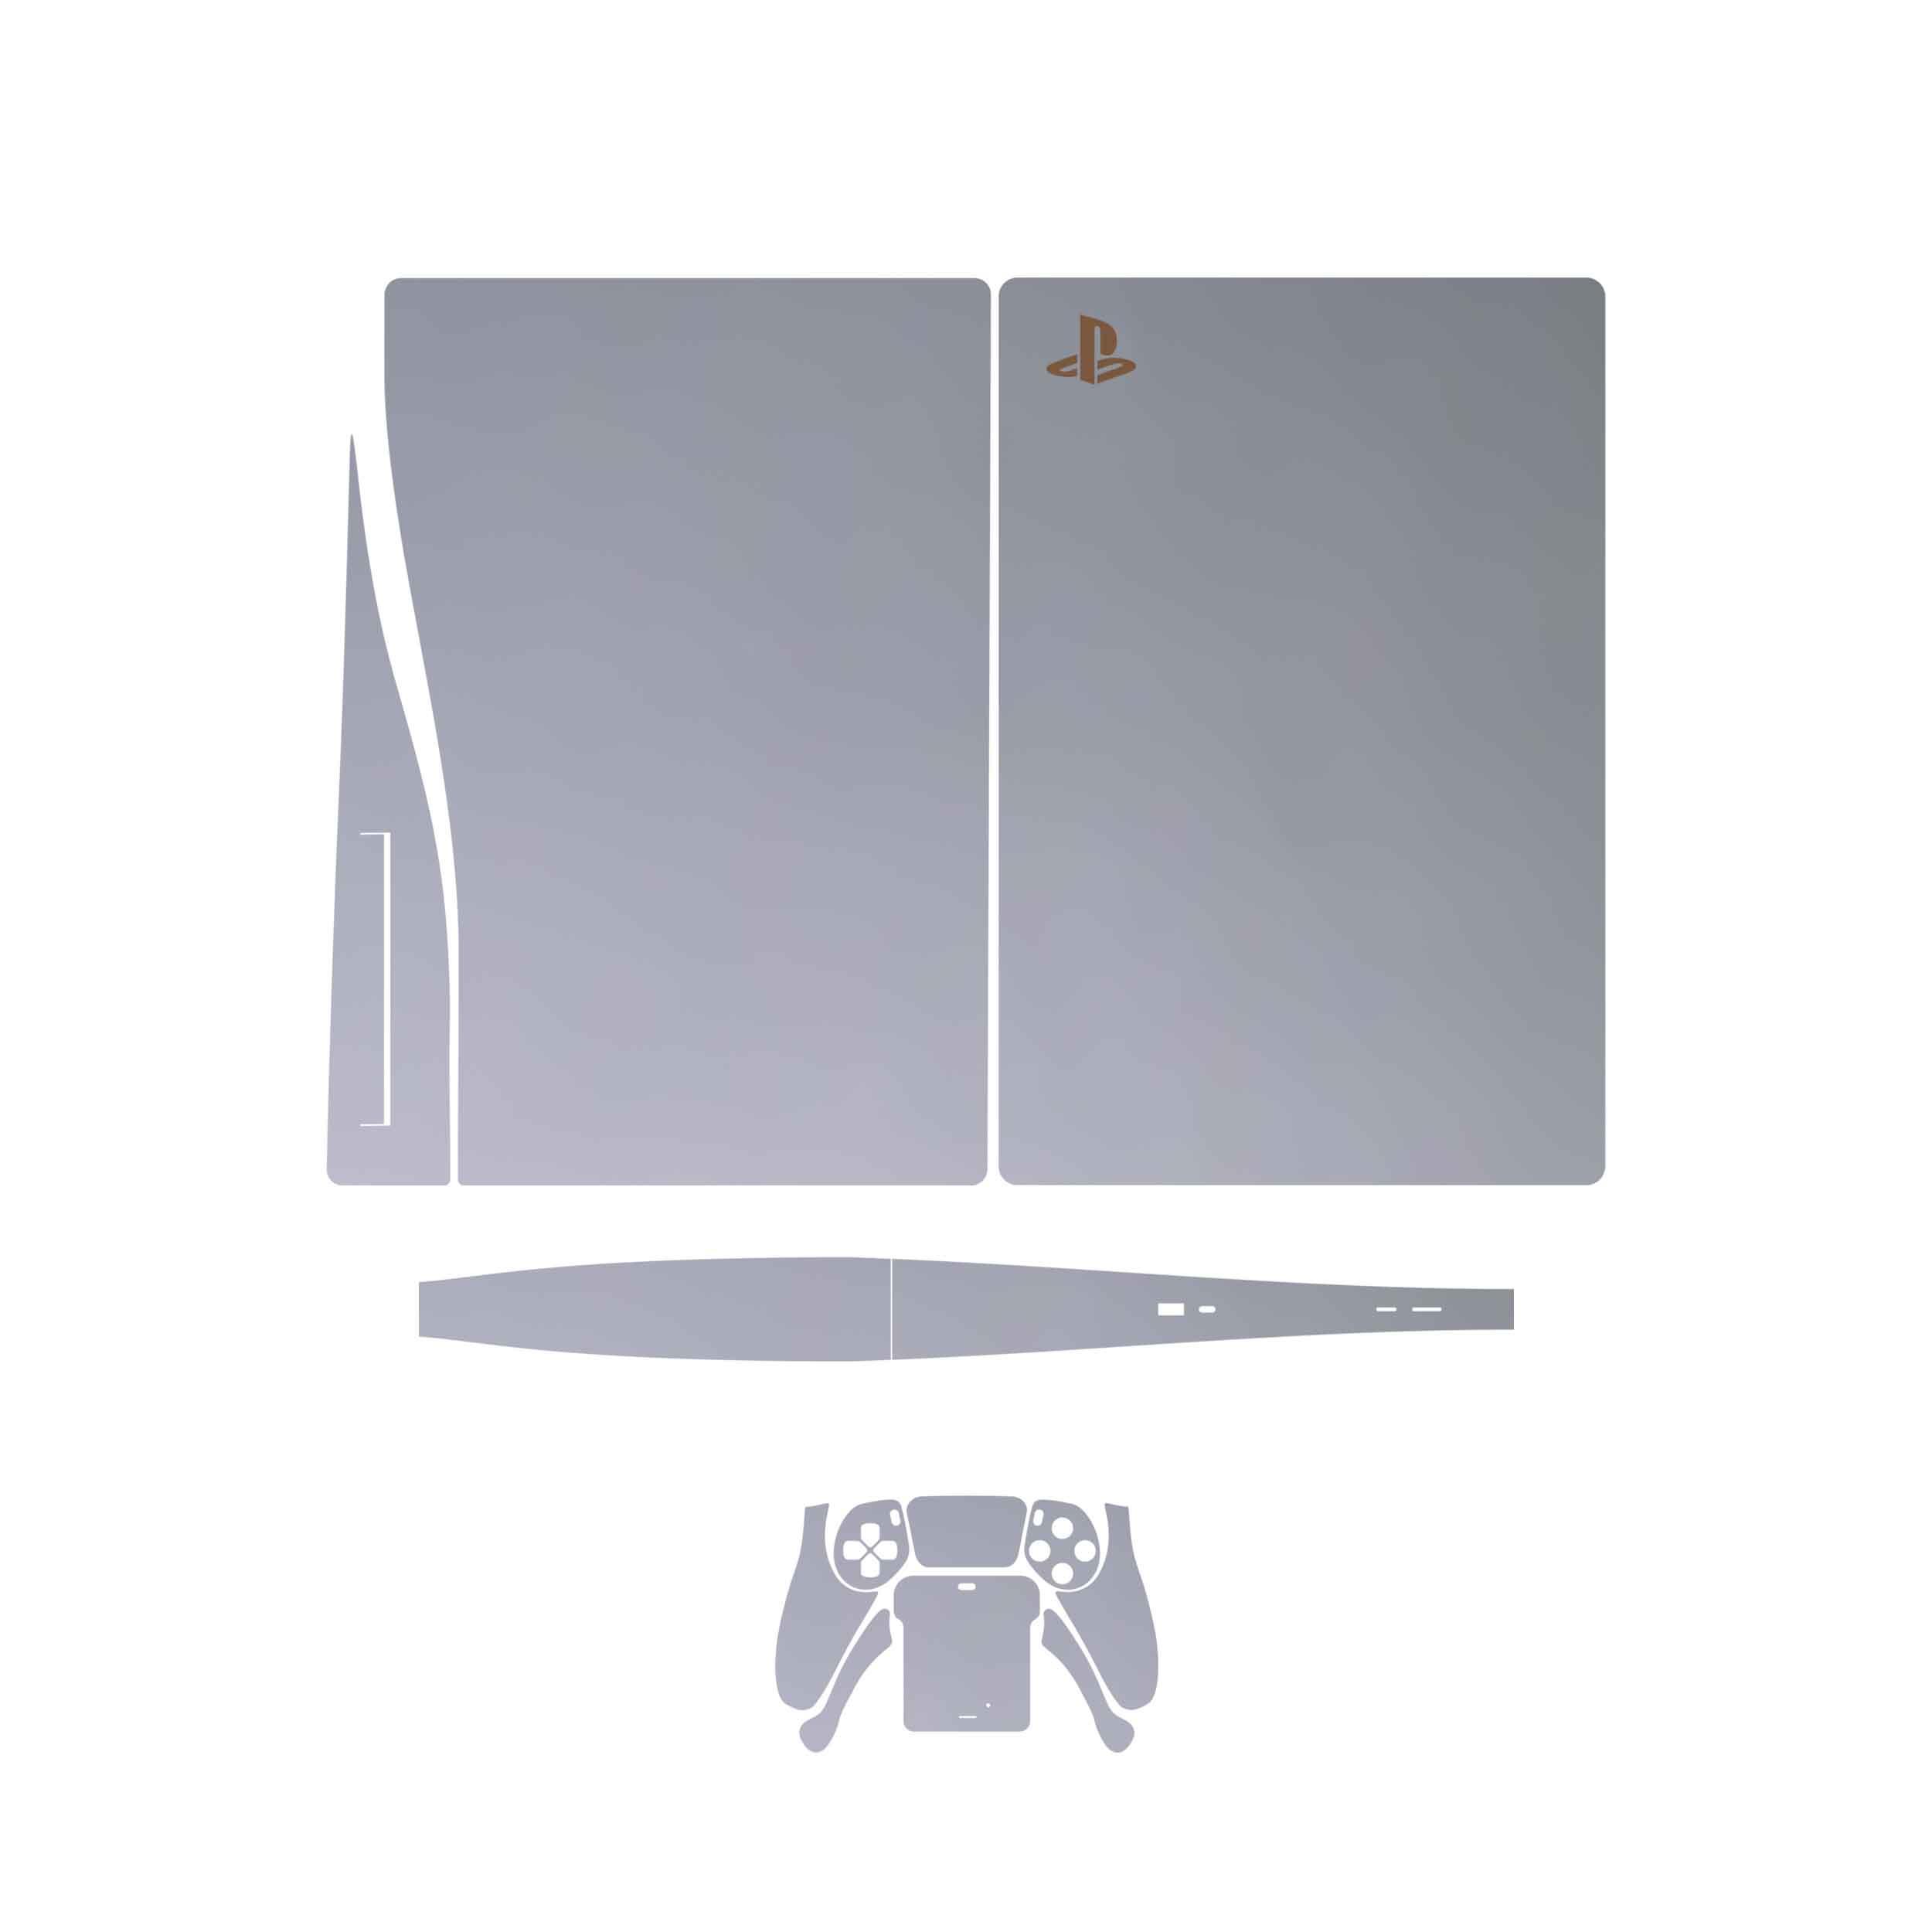 بررسی و {خرید با تخفیف} برچسب کنسول و دسته بازی PS5 ماهوتمدل Matte-Silver اصل